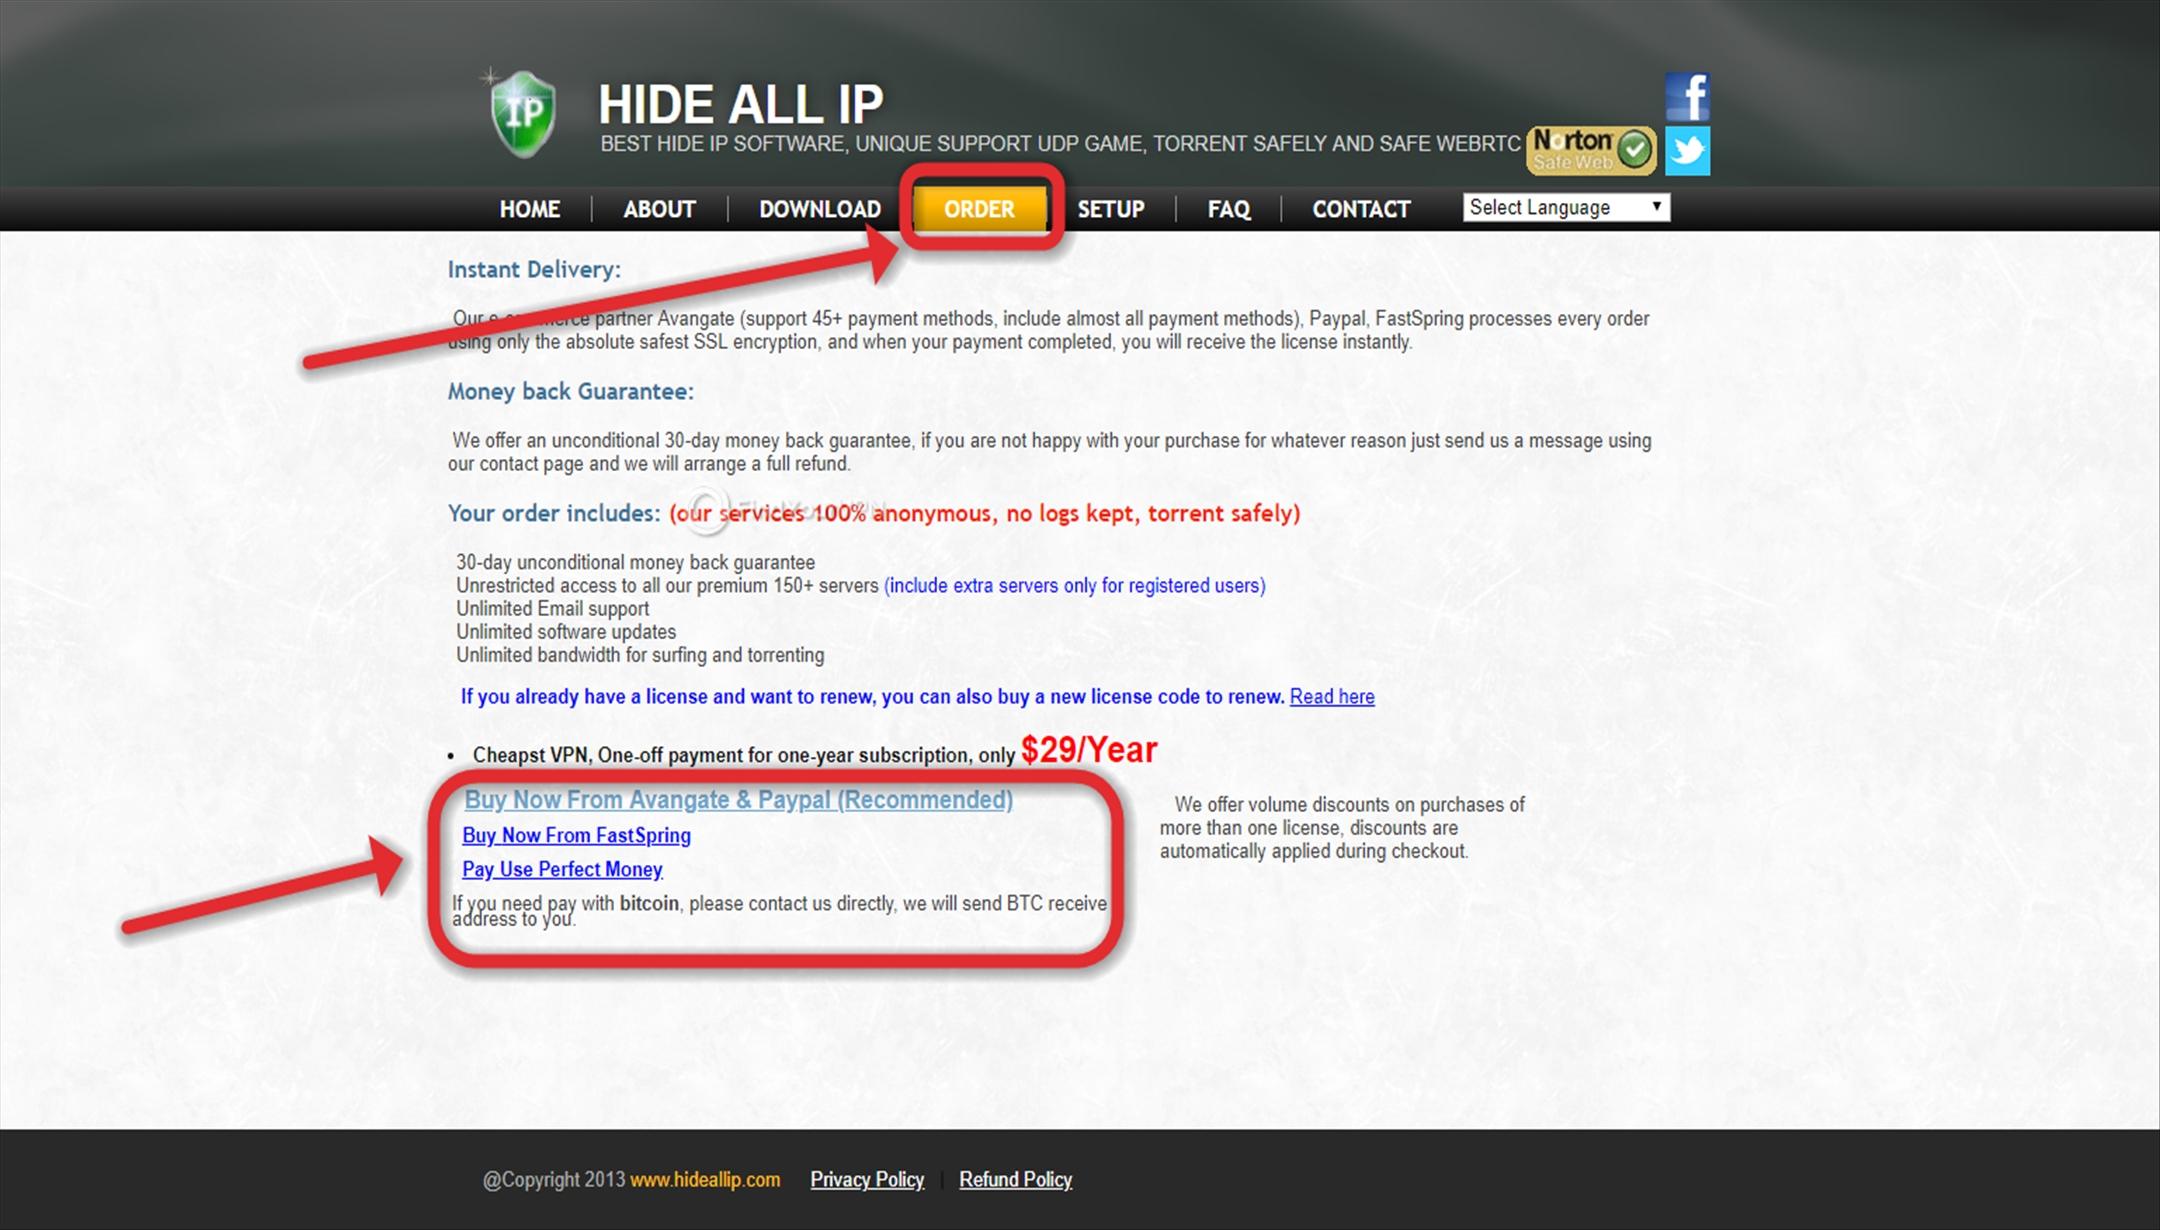 Ordering Hide ALL IP